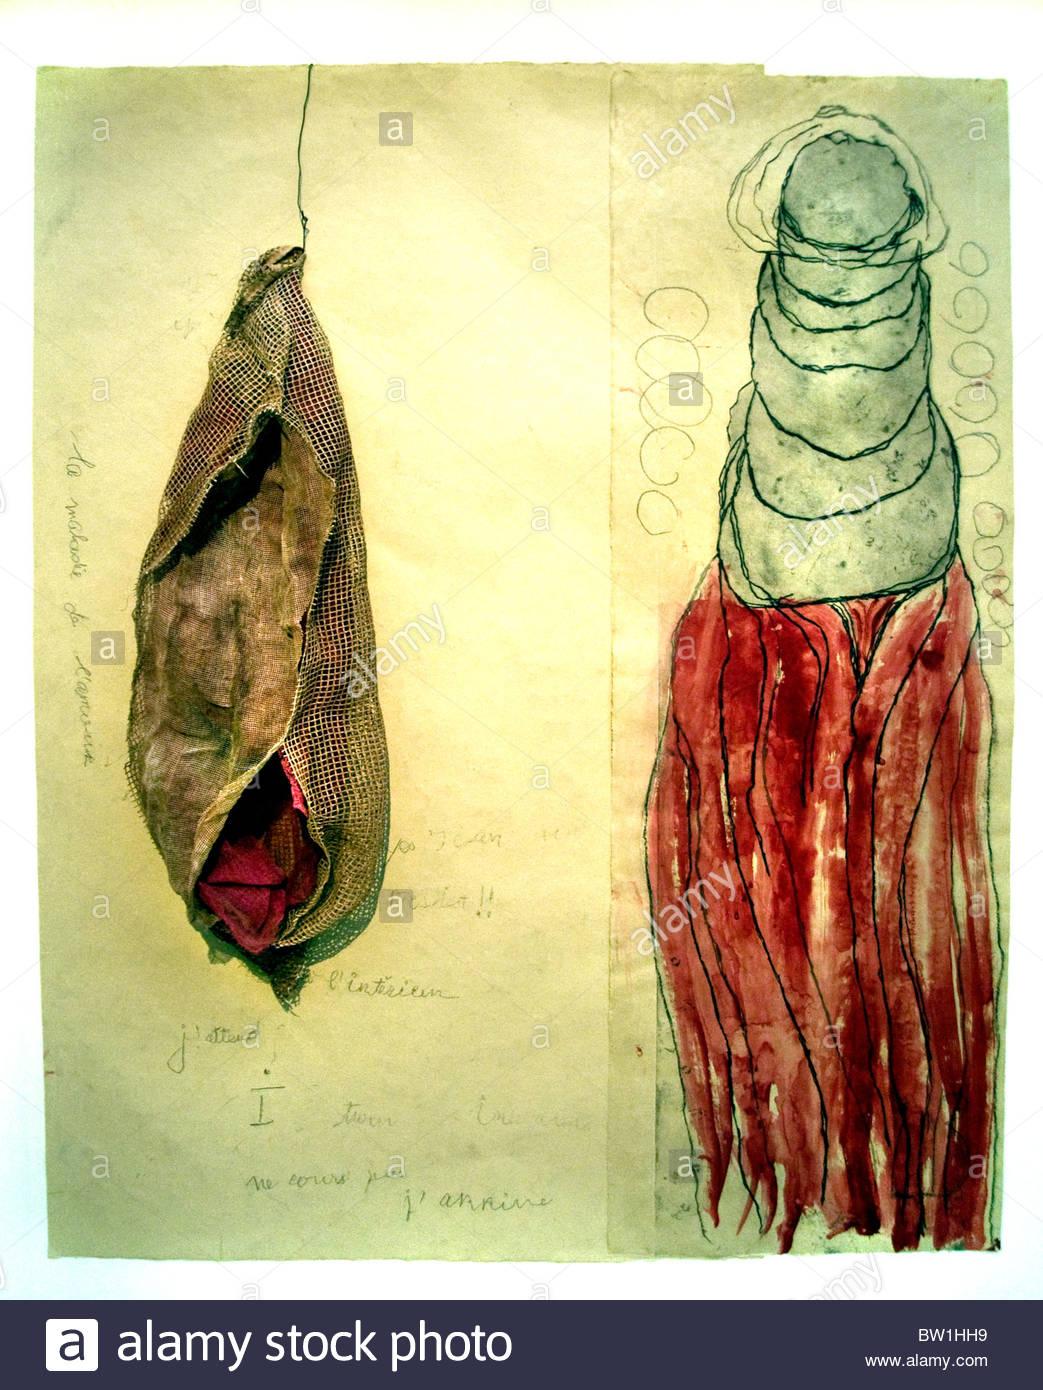 Louise Bourgeois Malerei die Krankheit der Liebe 2008 American Vereinigte Staaten von Amerika Stockbild